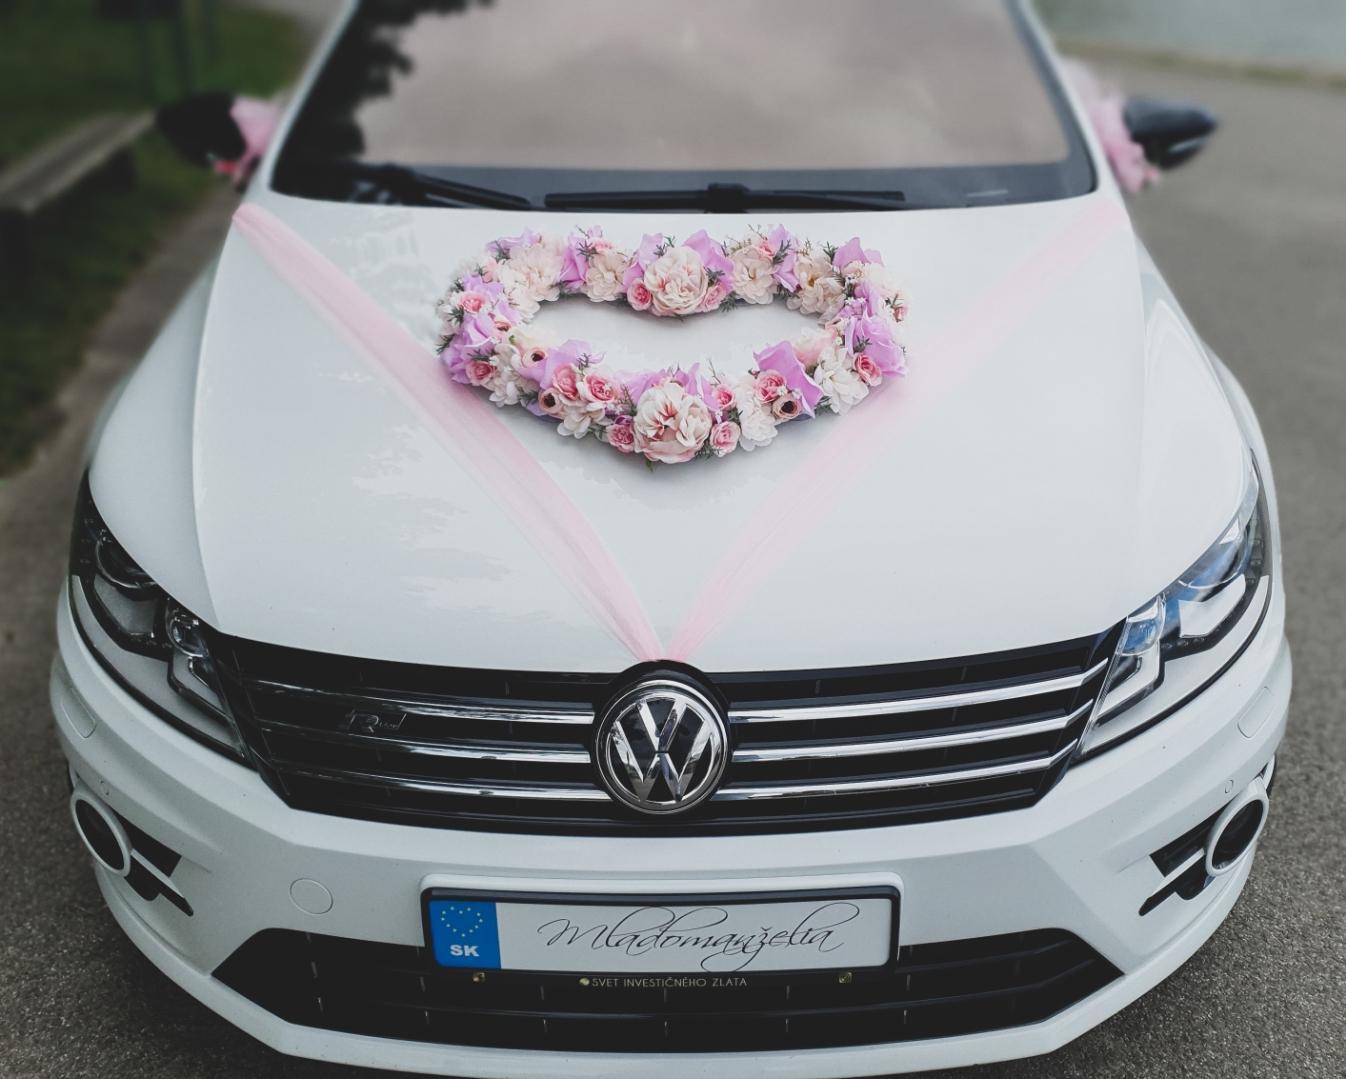 Svadobné auto na prenájom - Obrázok č. 1